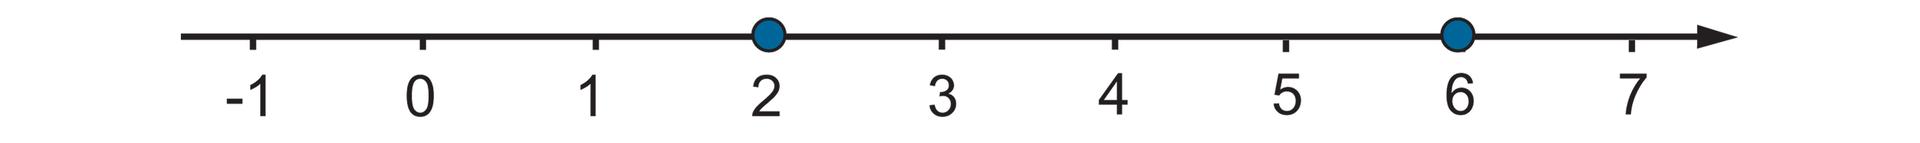 Rysunek osi liczbowej zzaznaczonymi punktami od -1 do 7. Wyróżnione liczby 2 i6.